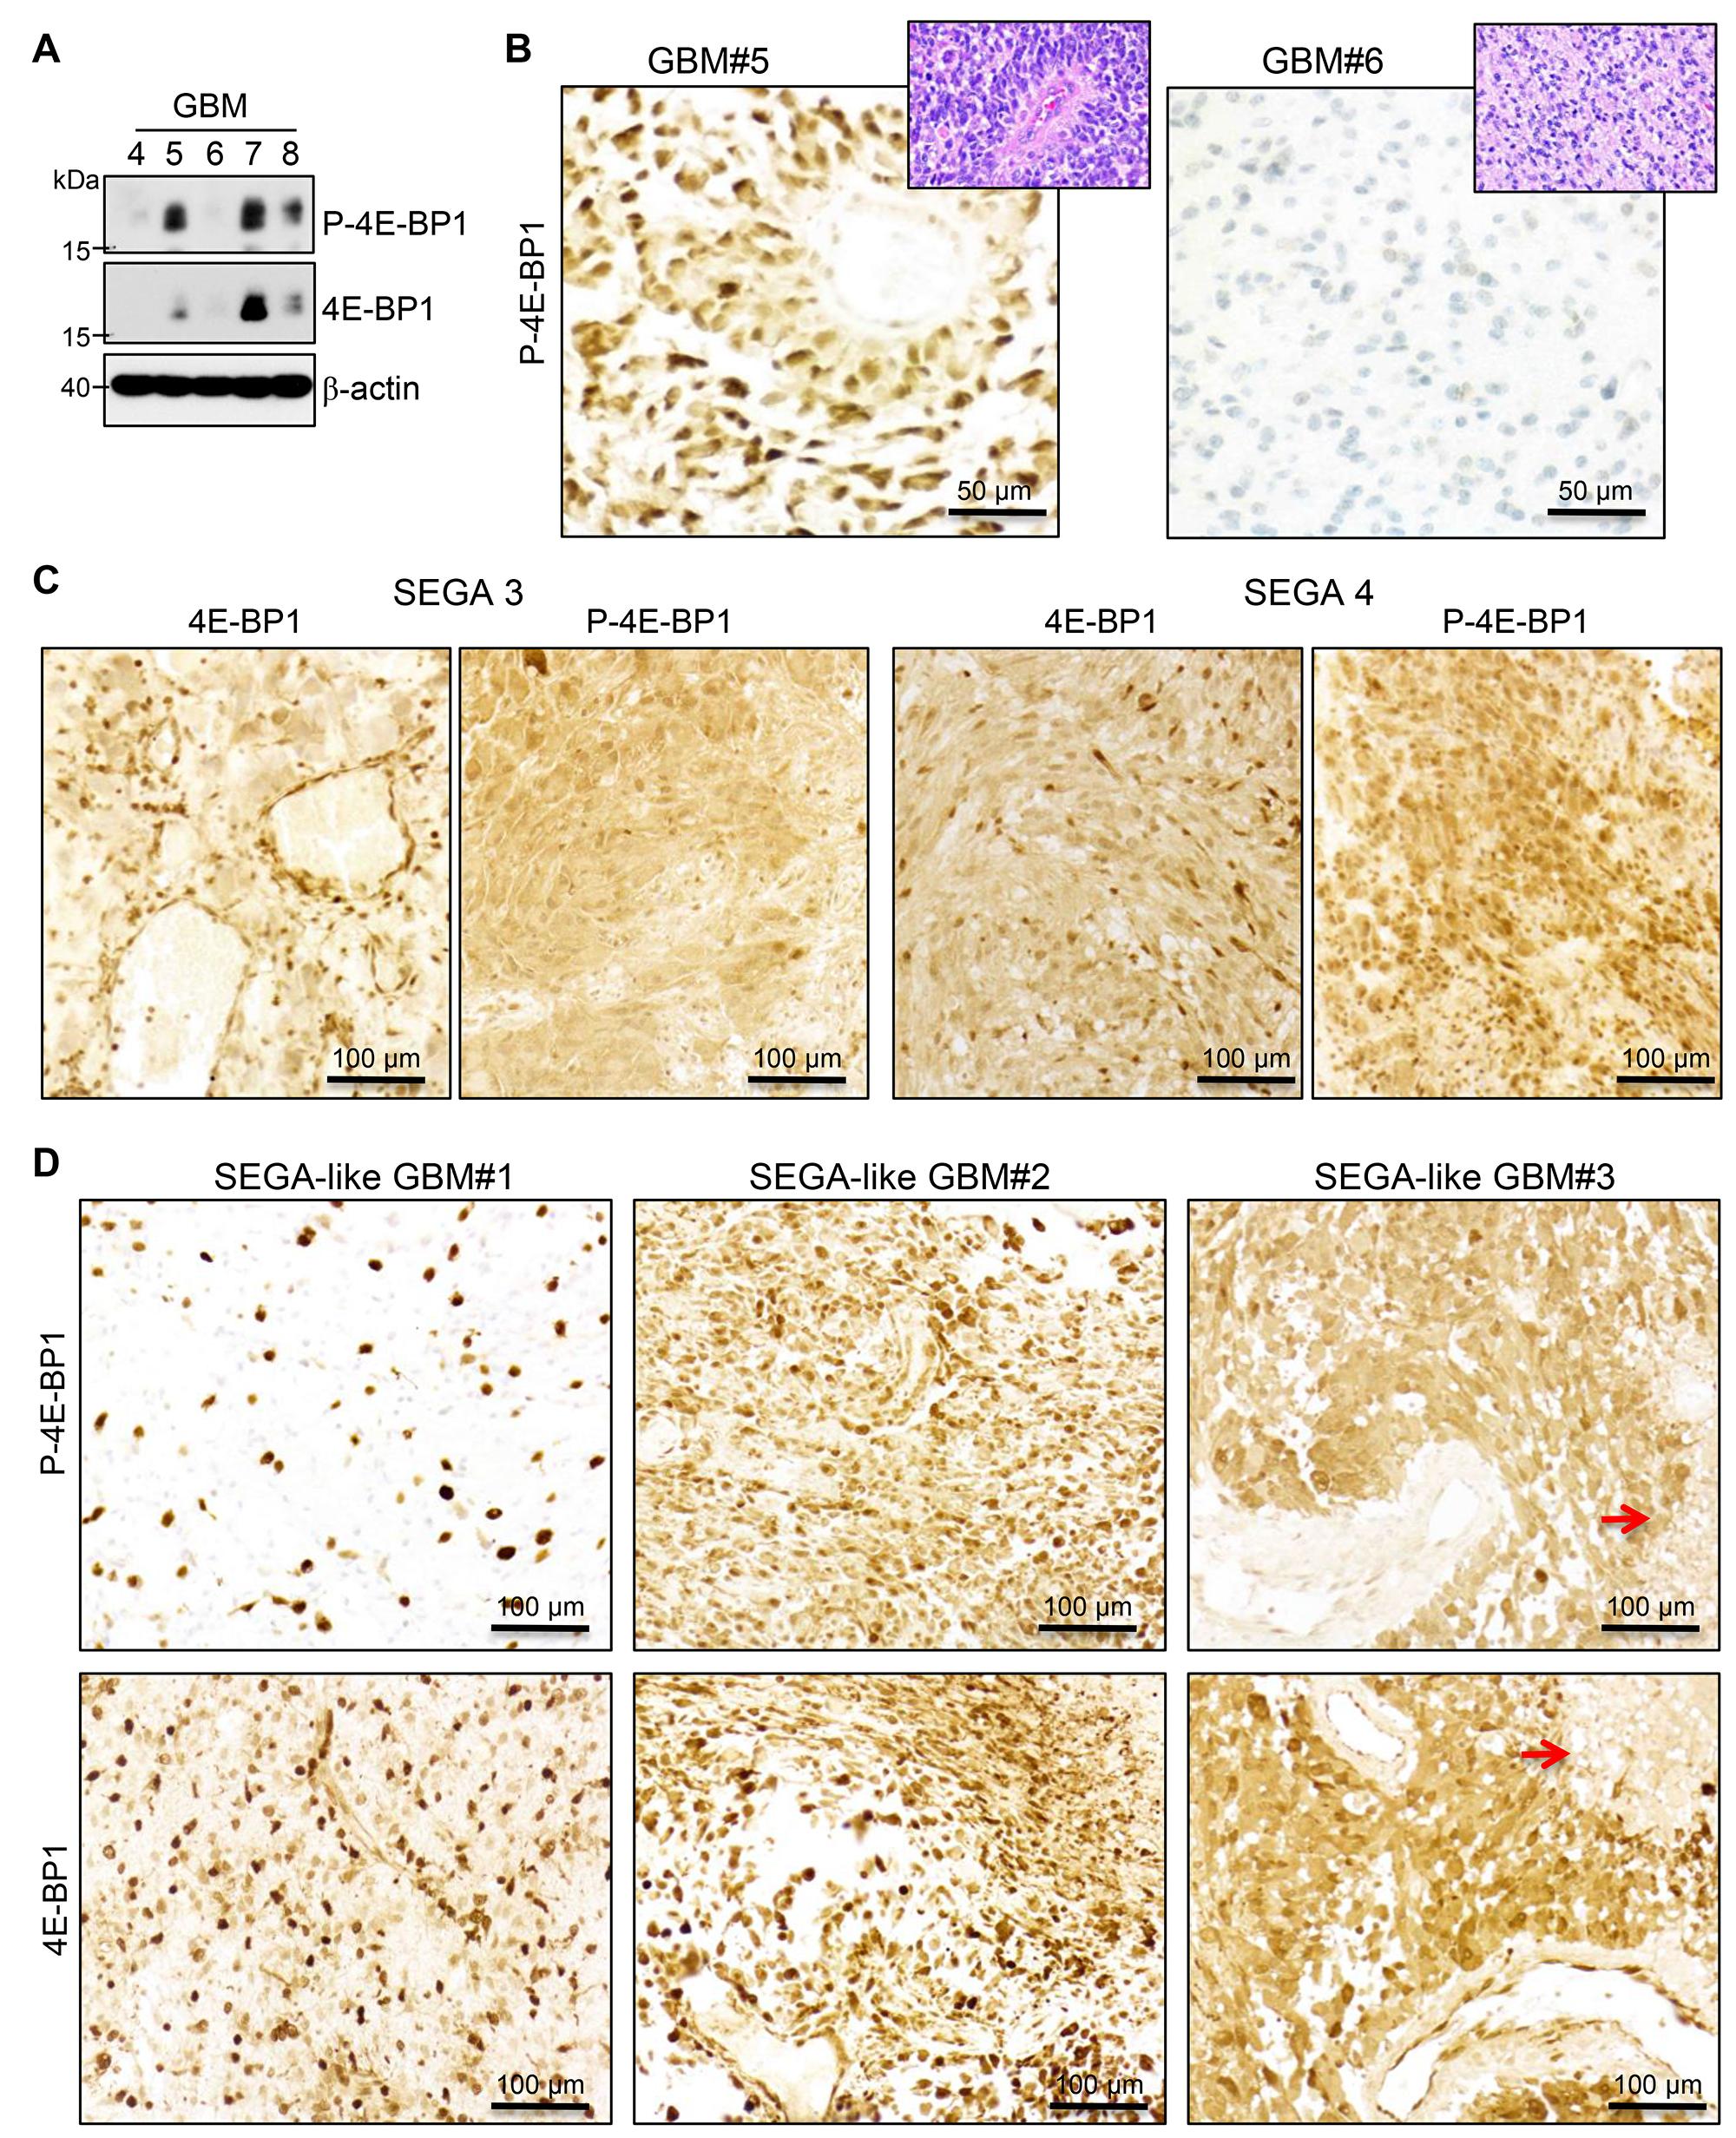 MTOR activation in SEGA and SEGA-like glioblastoma.